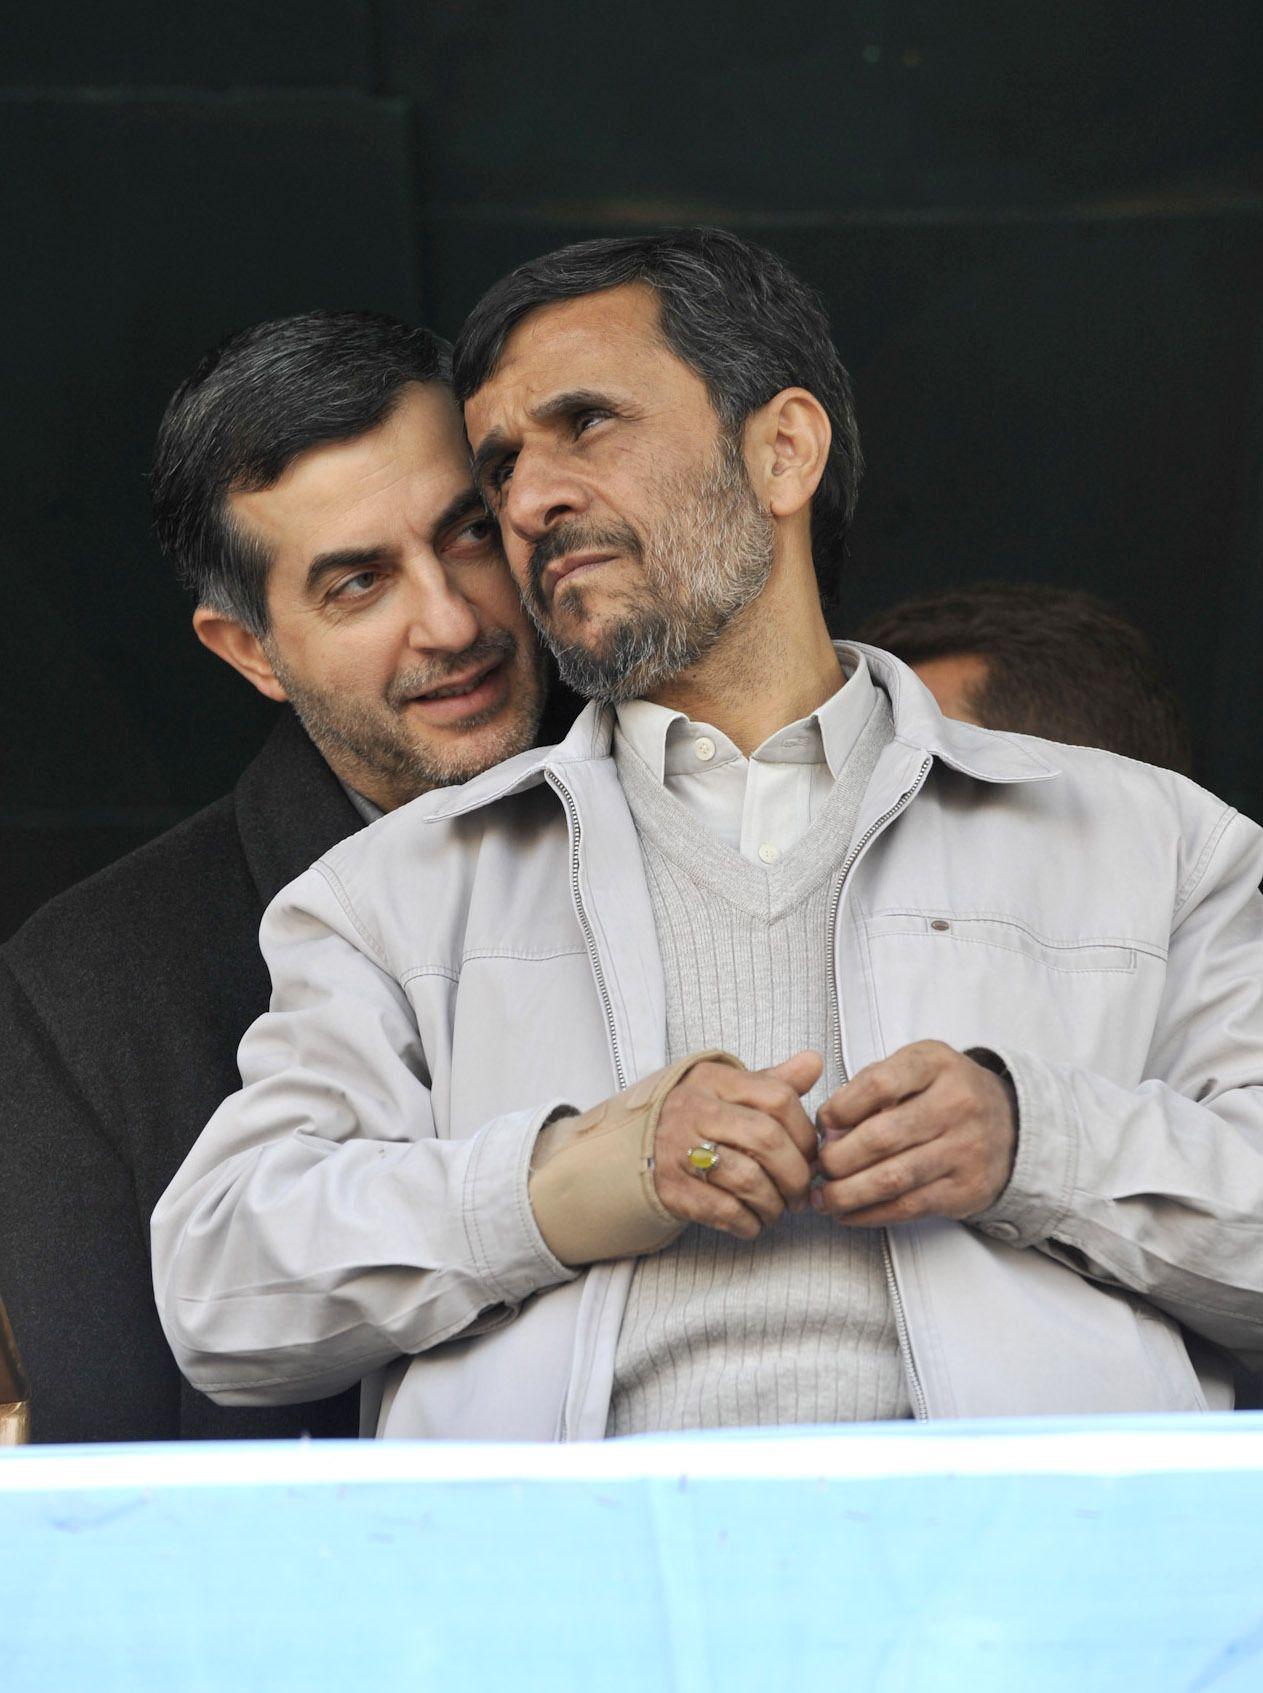 NICHT MEHR VERWENDEN! - Ahmadinedschad / Esfandiar Rahim Mashaei